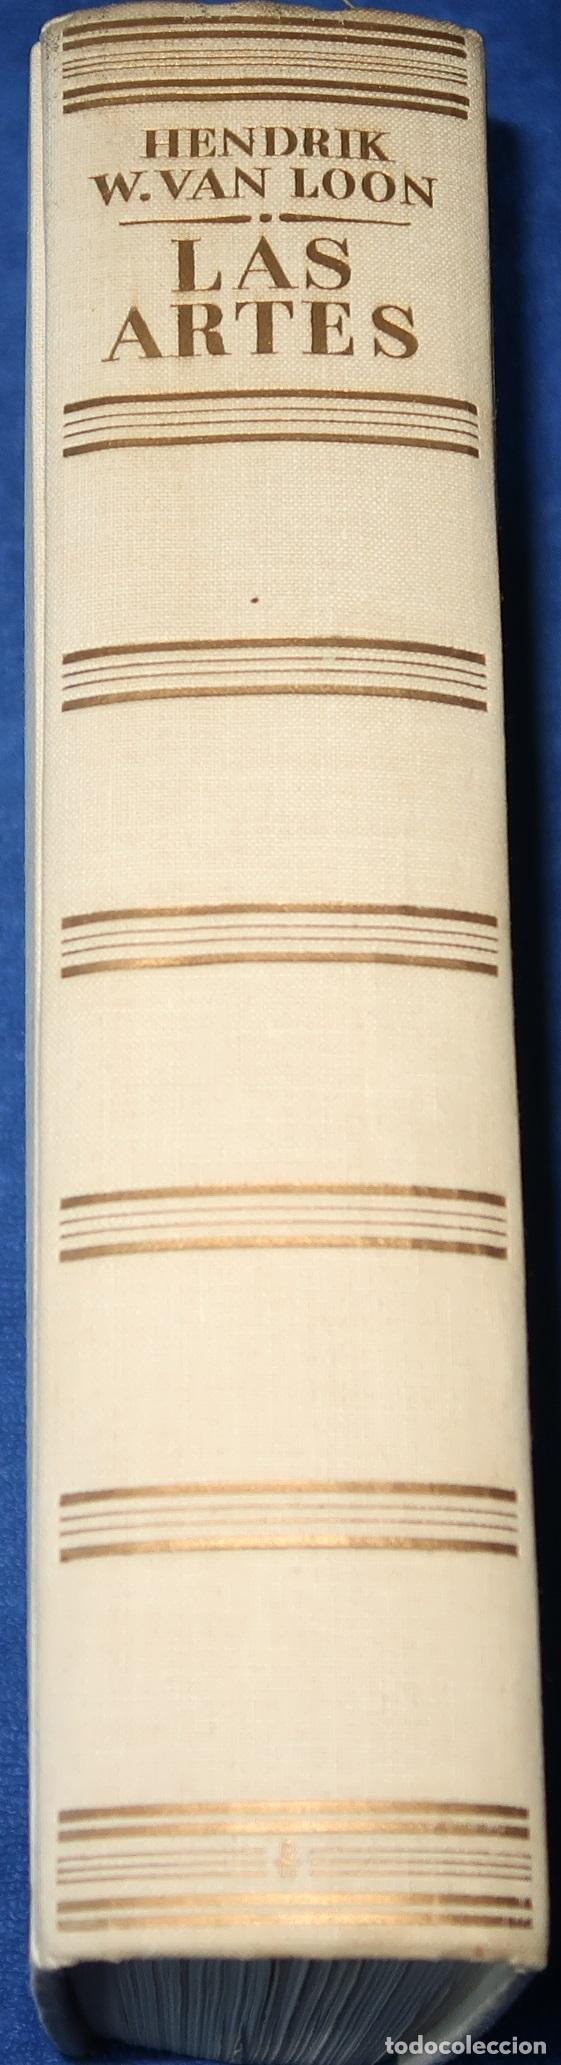 LAS ARTES - HENDRIK W. VAN LOON - LUIS MIRACLE (1956) (Libros de Segunda Mano - Bellas artes, ocio y coleccionismo - Otros)